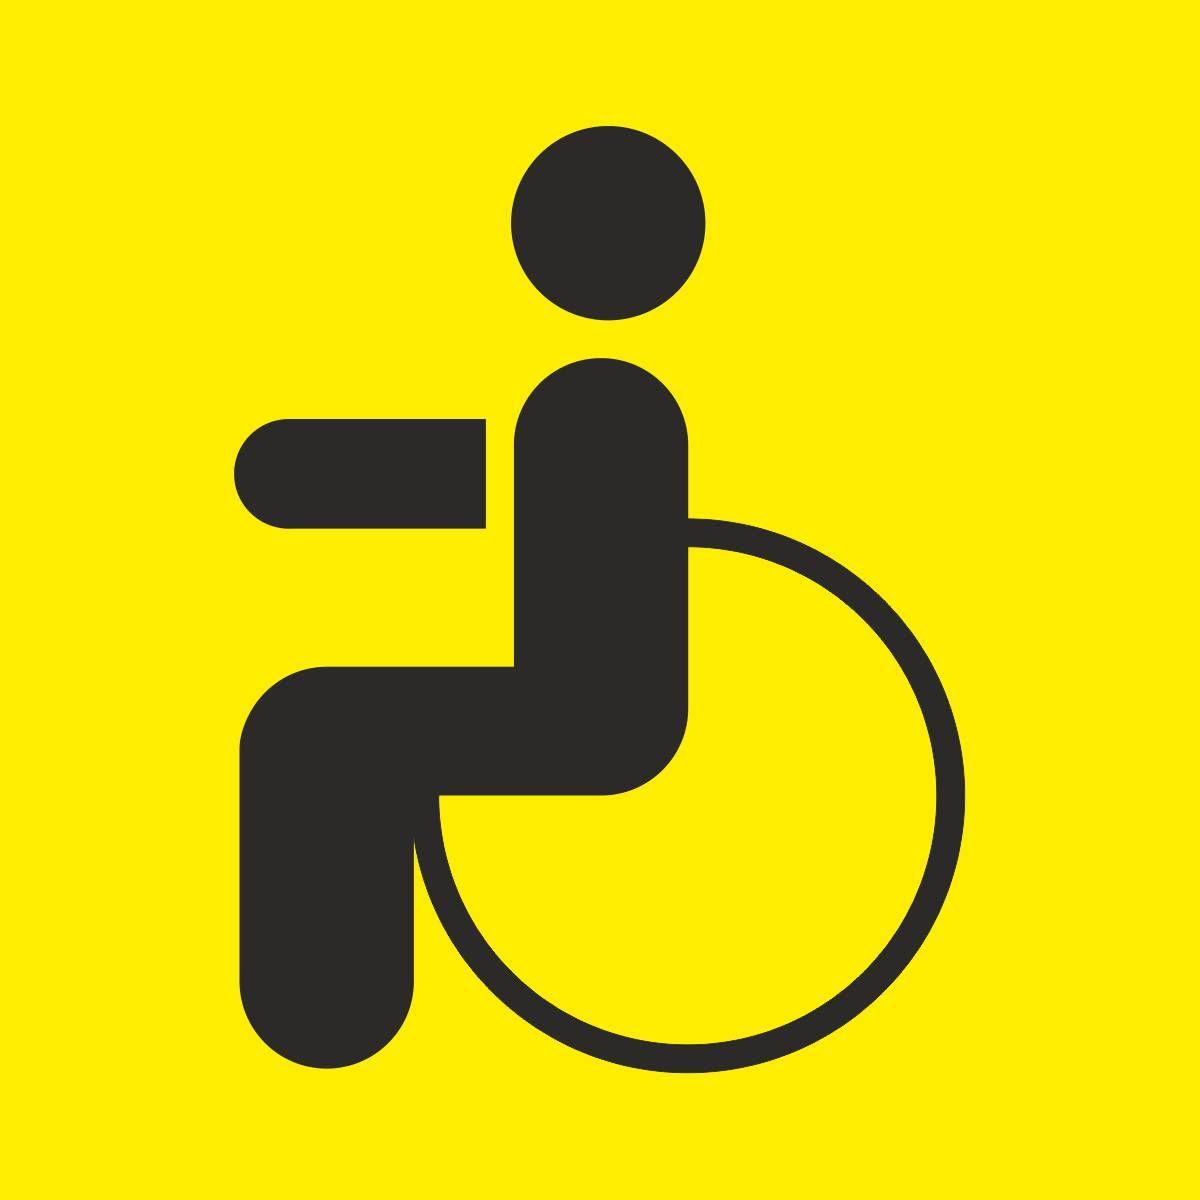 Наклейка автомобильная Фолиант Инвалид за рулем, цвет: желтыйНИРЗнак инвалид за рулем согласно ПДД может устанавливаться по воле водителя, у которого имеется на это основание. Клеится на ветровое или на заднее стекло. Обеспечивает информационное сопровождение при движении транспортного средства или парковке в установленном для категории инвалидов месте.